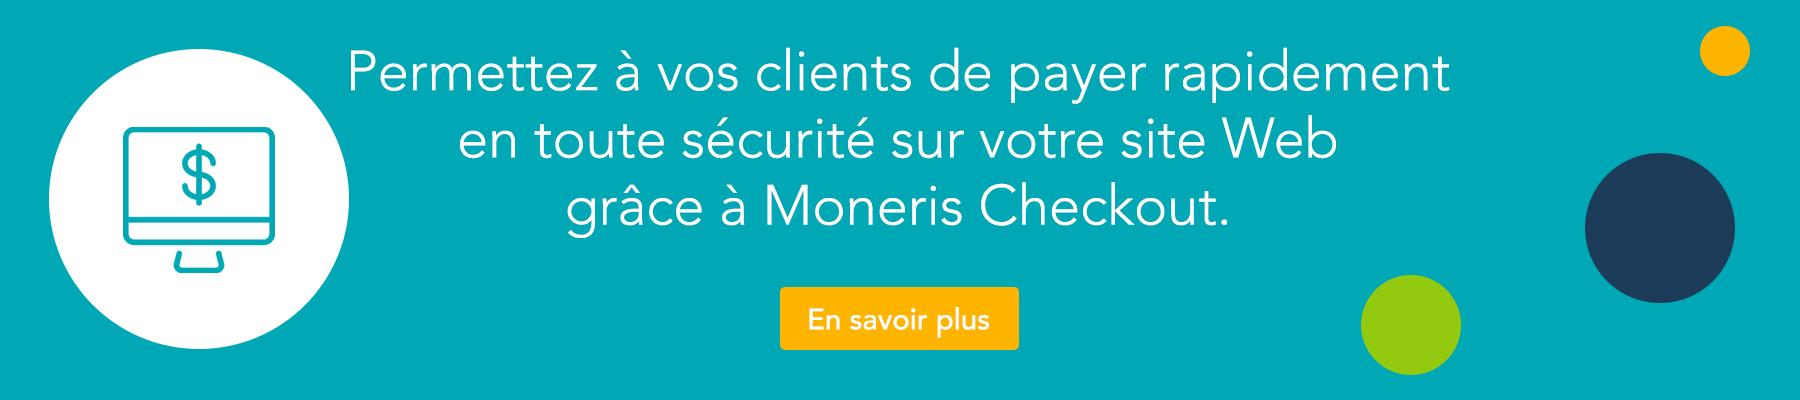 Permettez à vos clients de payer rapidement en toute sécurité sur votre site Web grâce à Moneris Checkout. En savoir plus